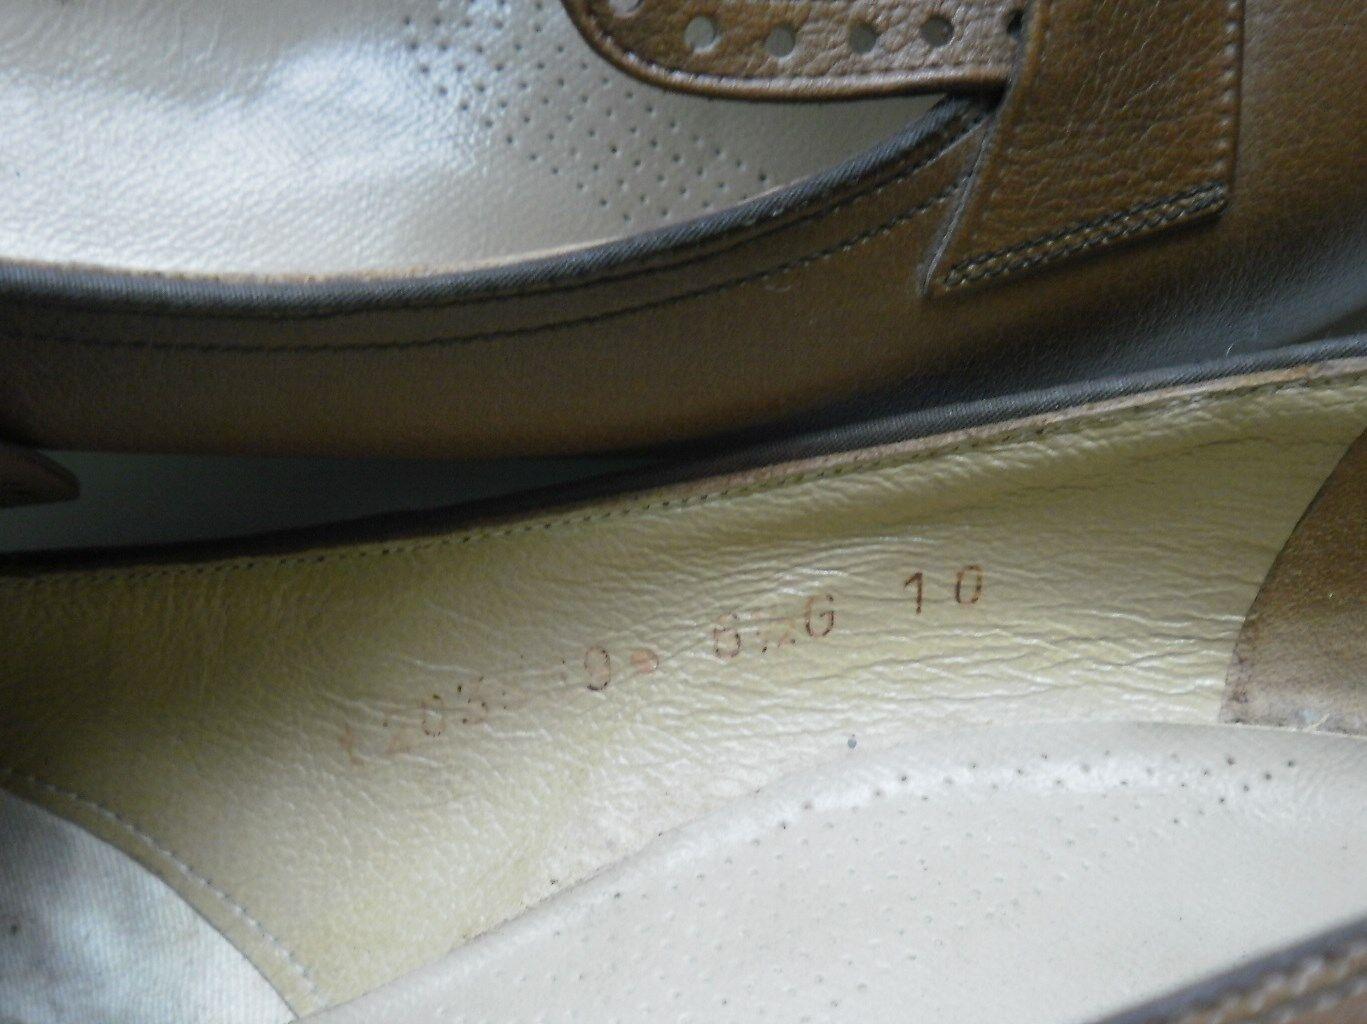 COMOD Damen Pumps TRUE SALAMANDER made Germany 50s TRUE Pumps VINTAGE Schuhe Halbschuhe 6,5 de2ea4